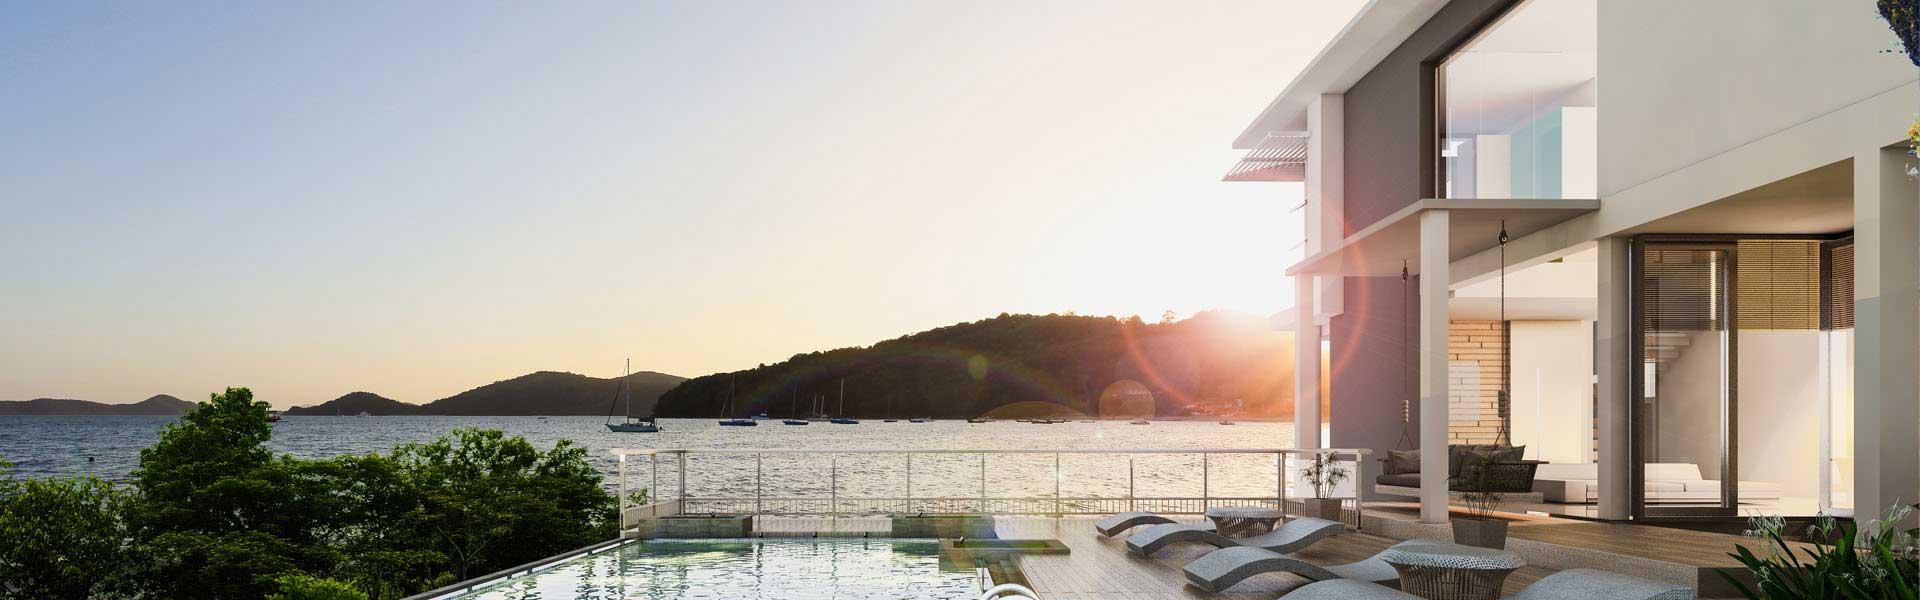 Terasse einer Villa im Sonnenuntergang